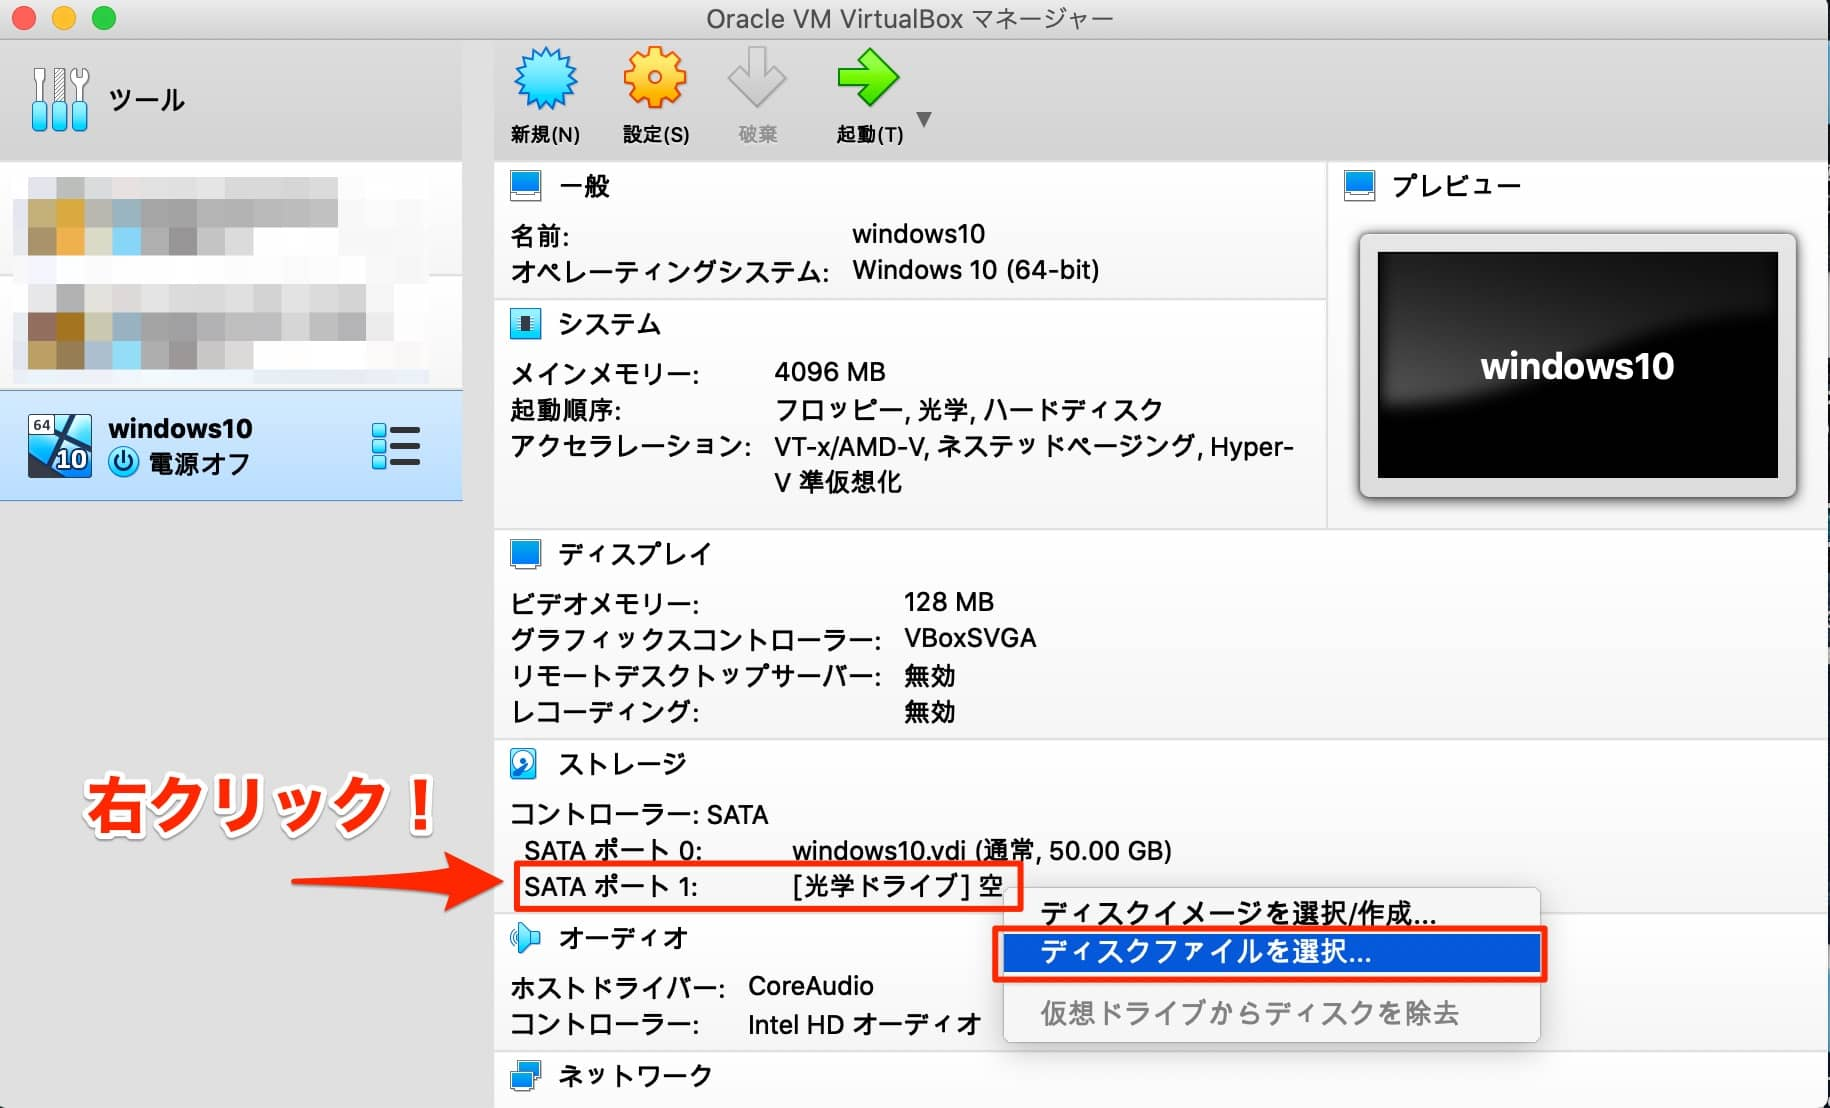 VirtualBoxにWindows10をインストールしていく